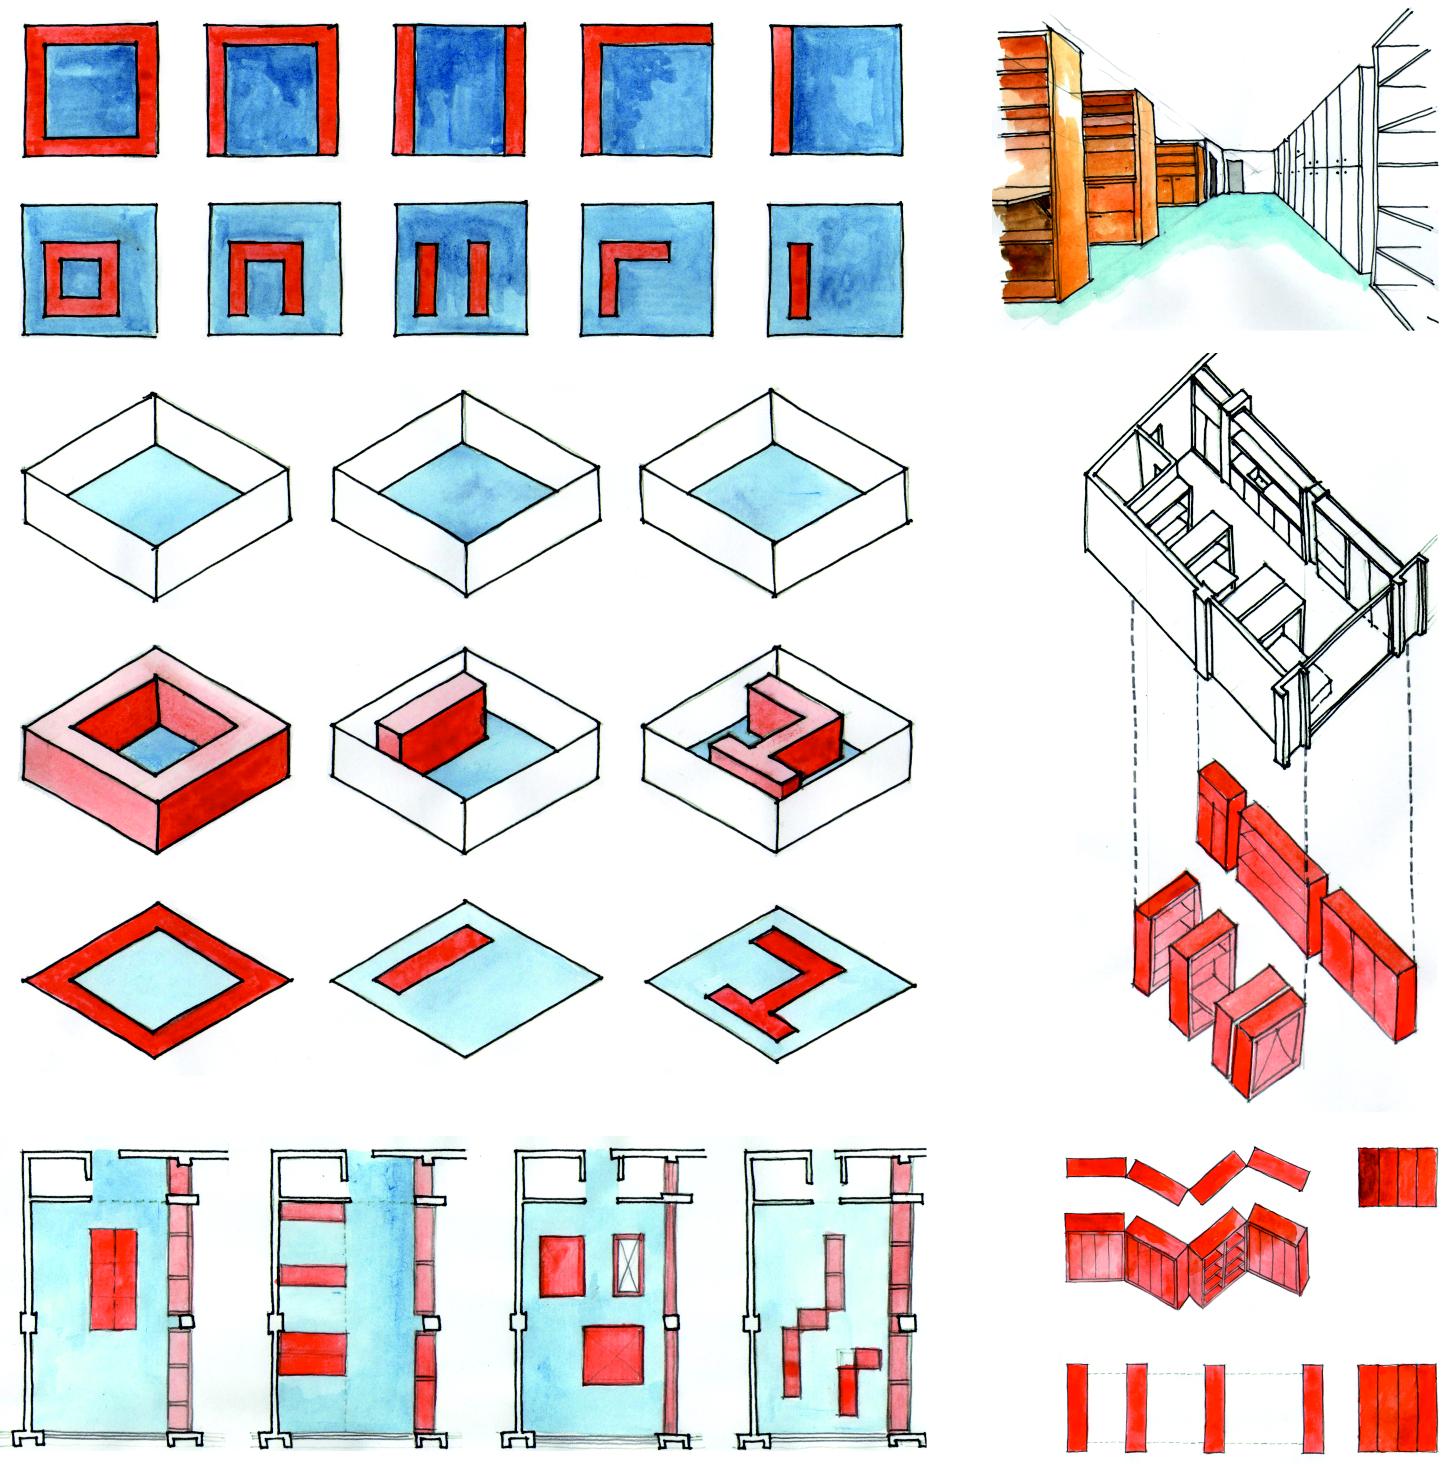 Equipamiento al l mite arquitectura como mueble y mueble - Que es un porche en arquitectura ...